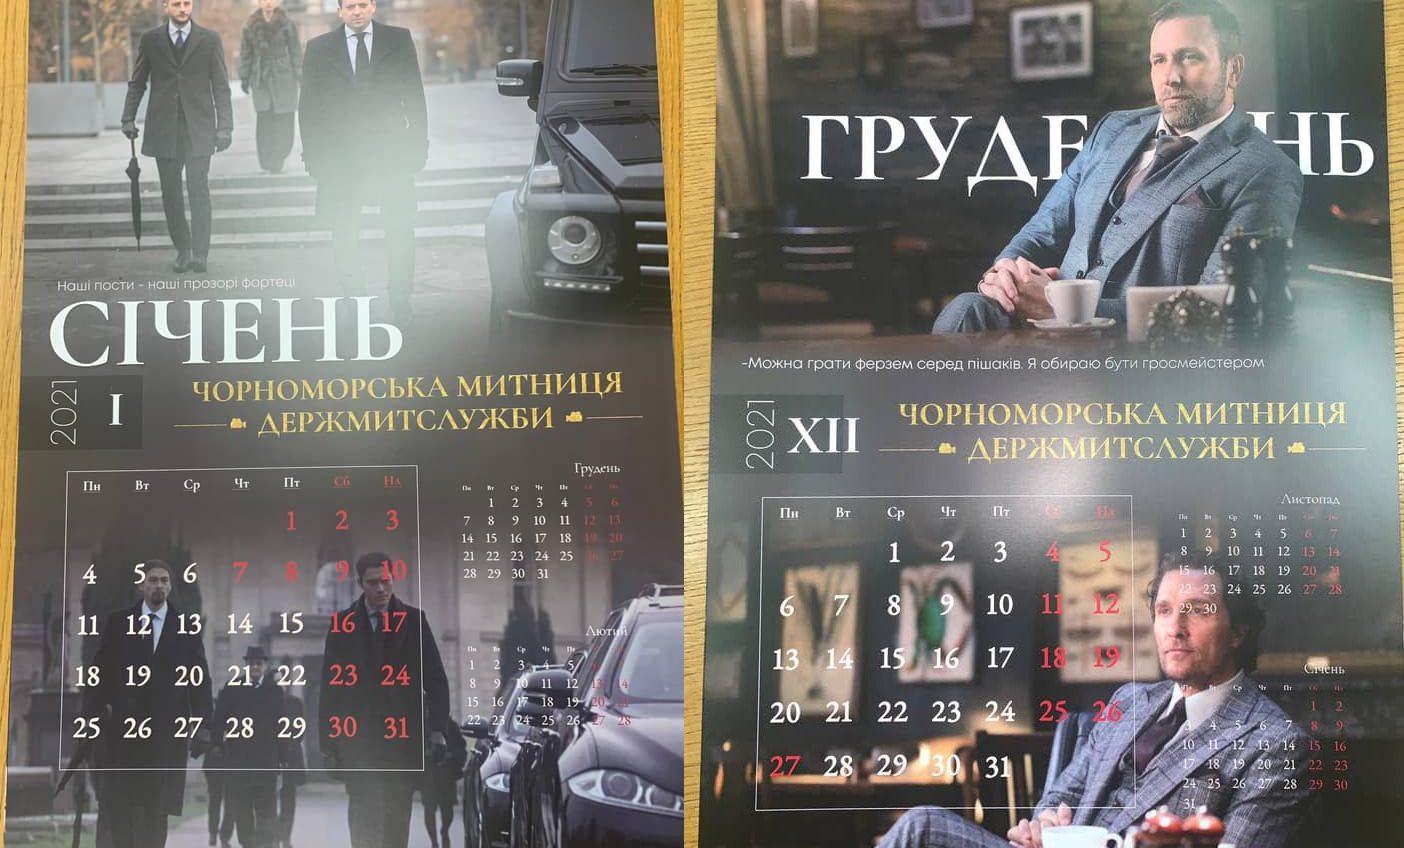 Черноморские таможенники закосплеили «Джентльменов» Гая Ричи (фото) «фото»